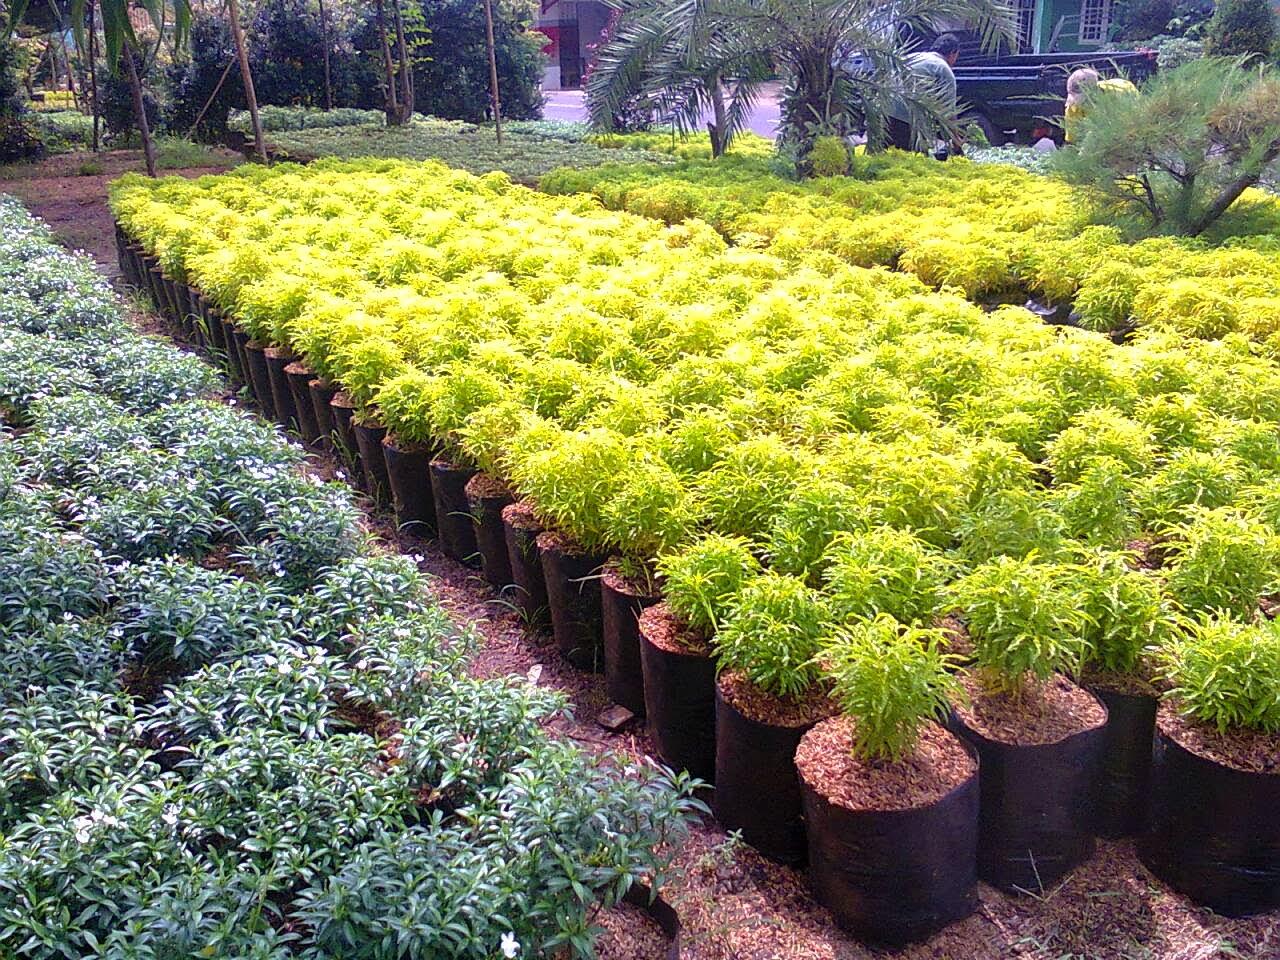 54 Gaya Terbaru Bunga Hias Di Taman Bunga Hias